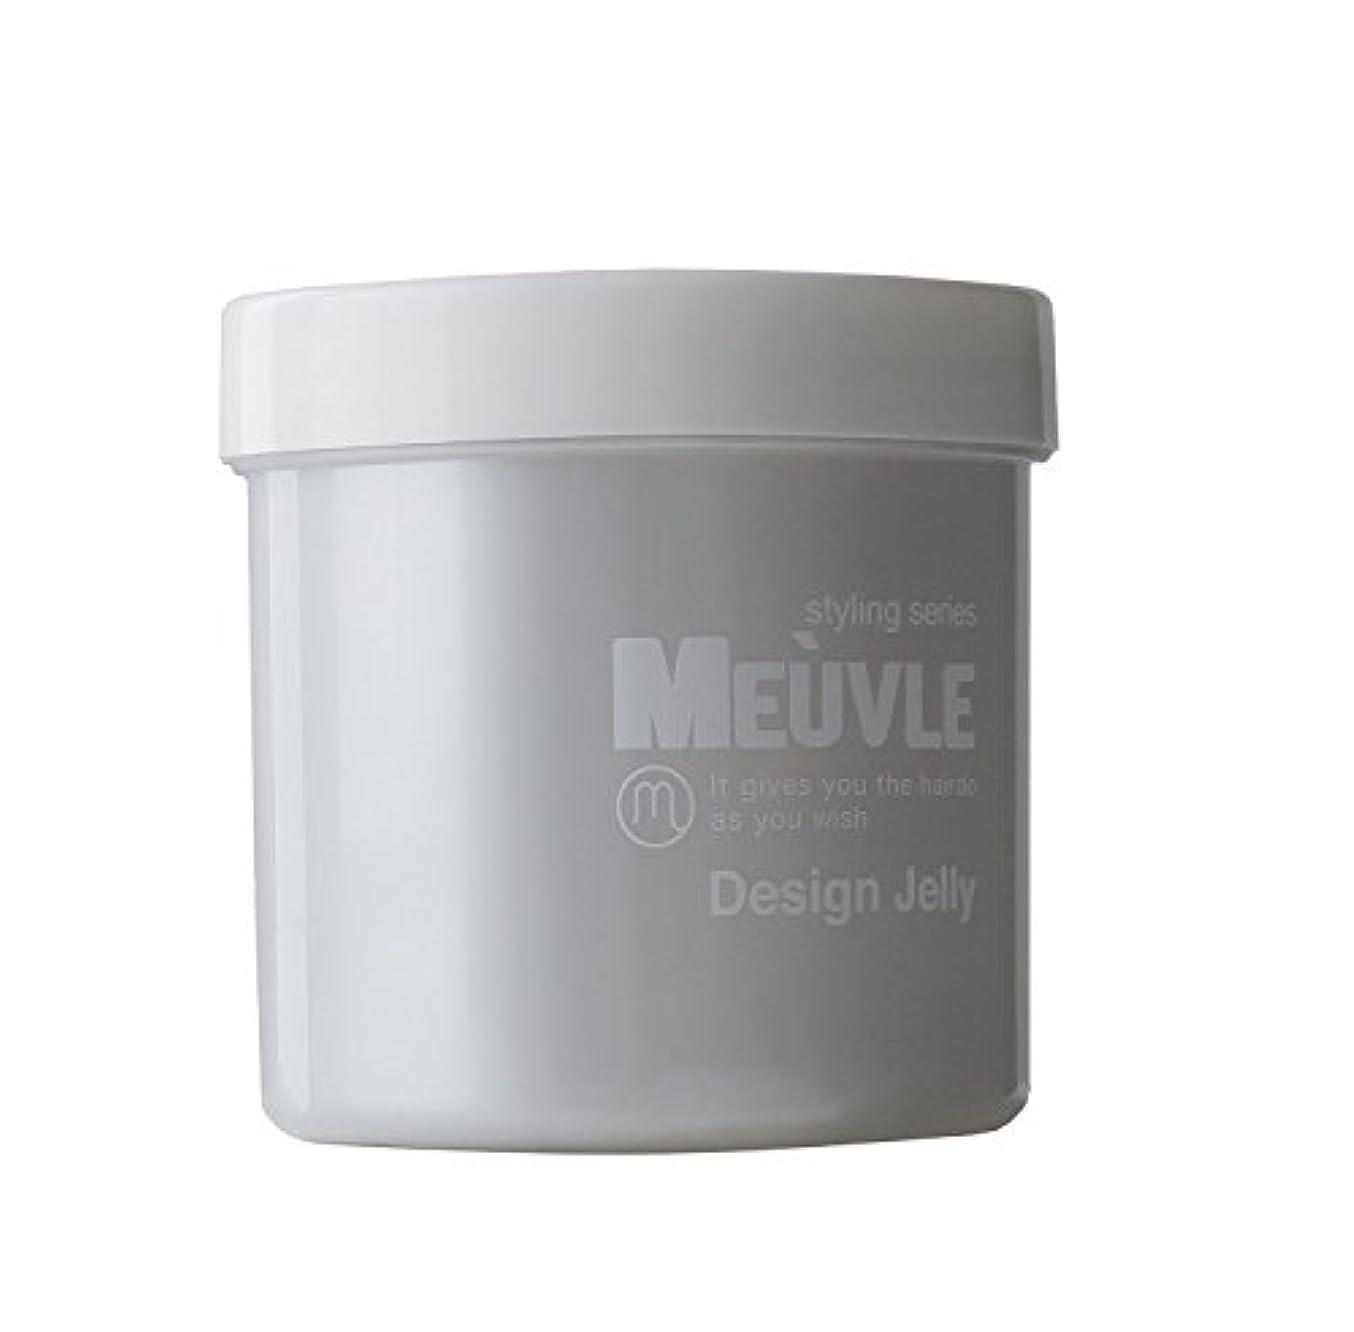 冷蔵庫誰が小間MEUVLE ( ミューヴル ) デザインゼリー 300g 限定企画 ミューブル ジェル